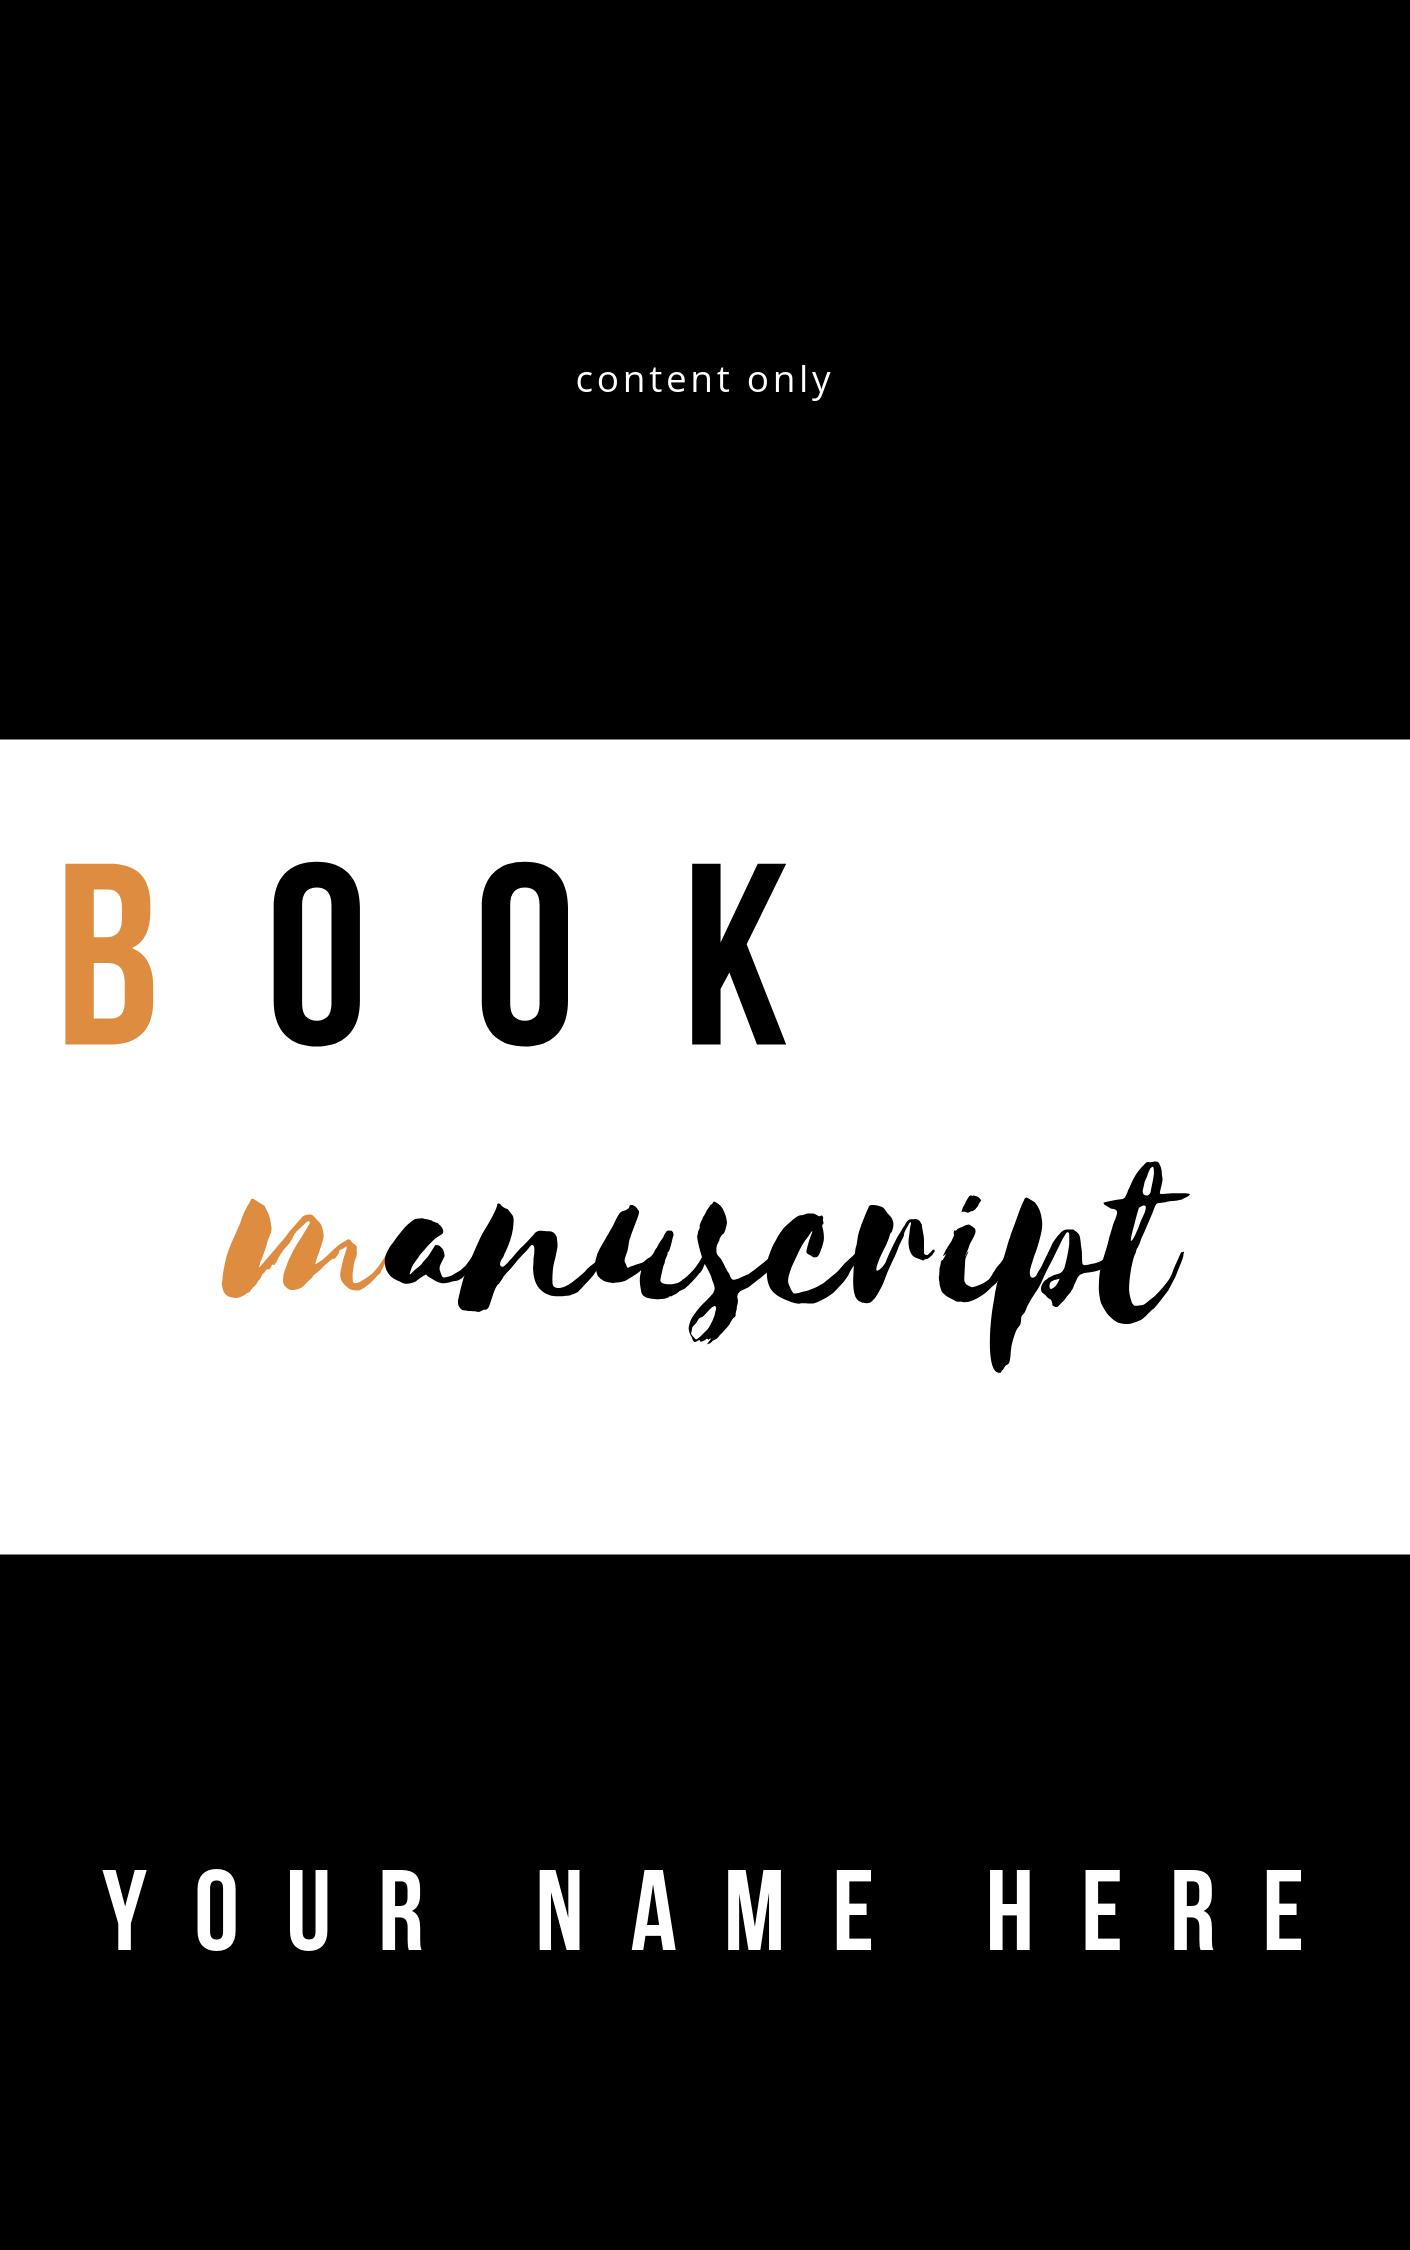 book manuscript (2).png